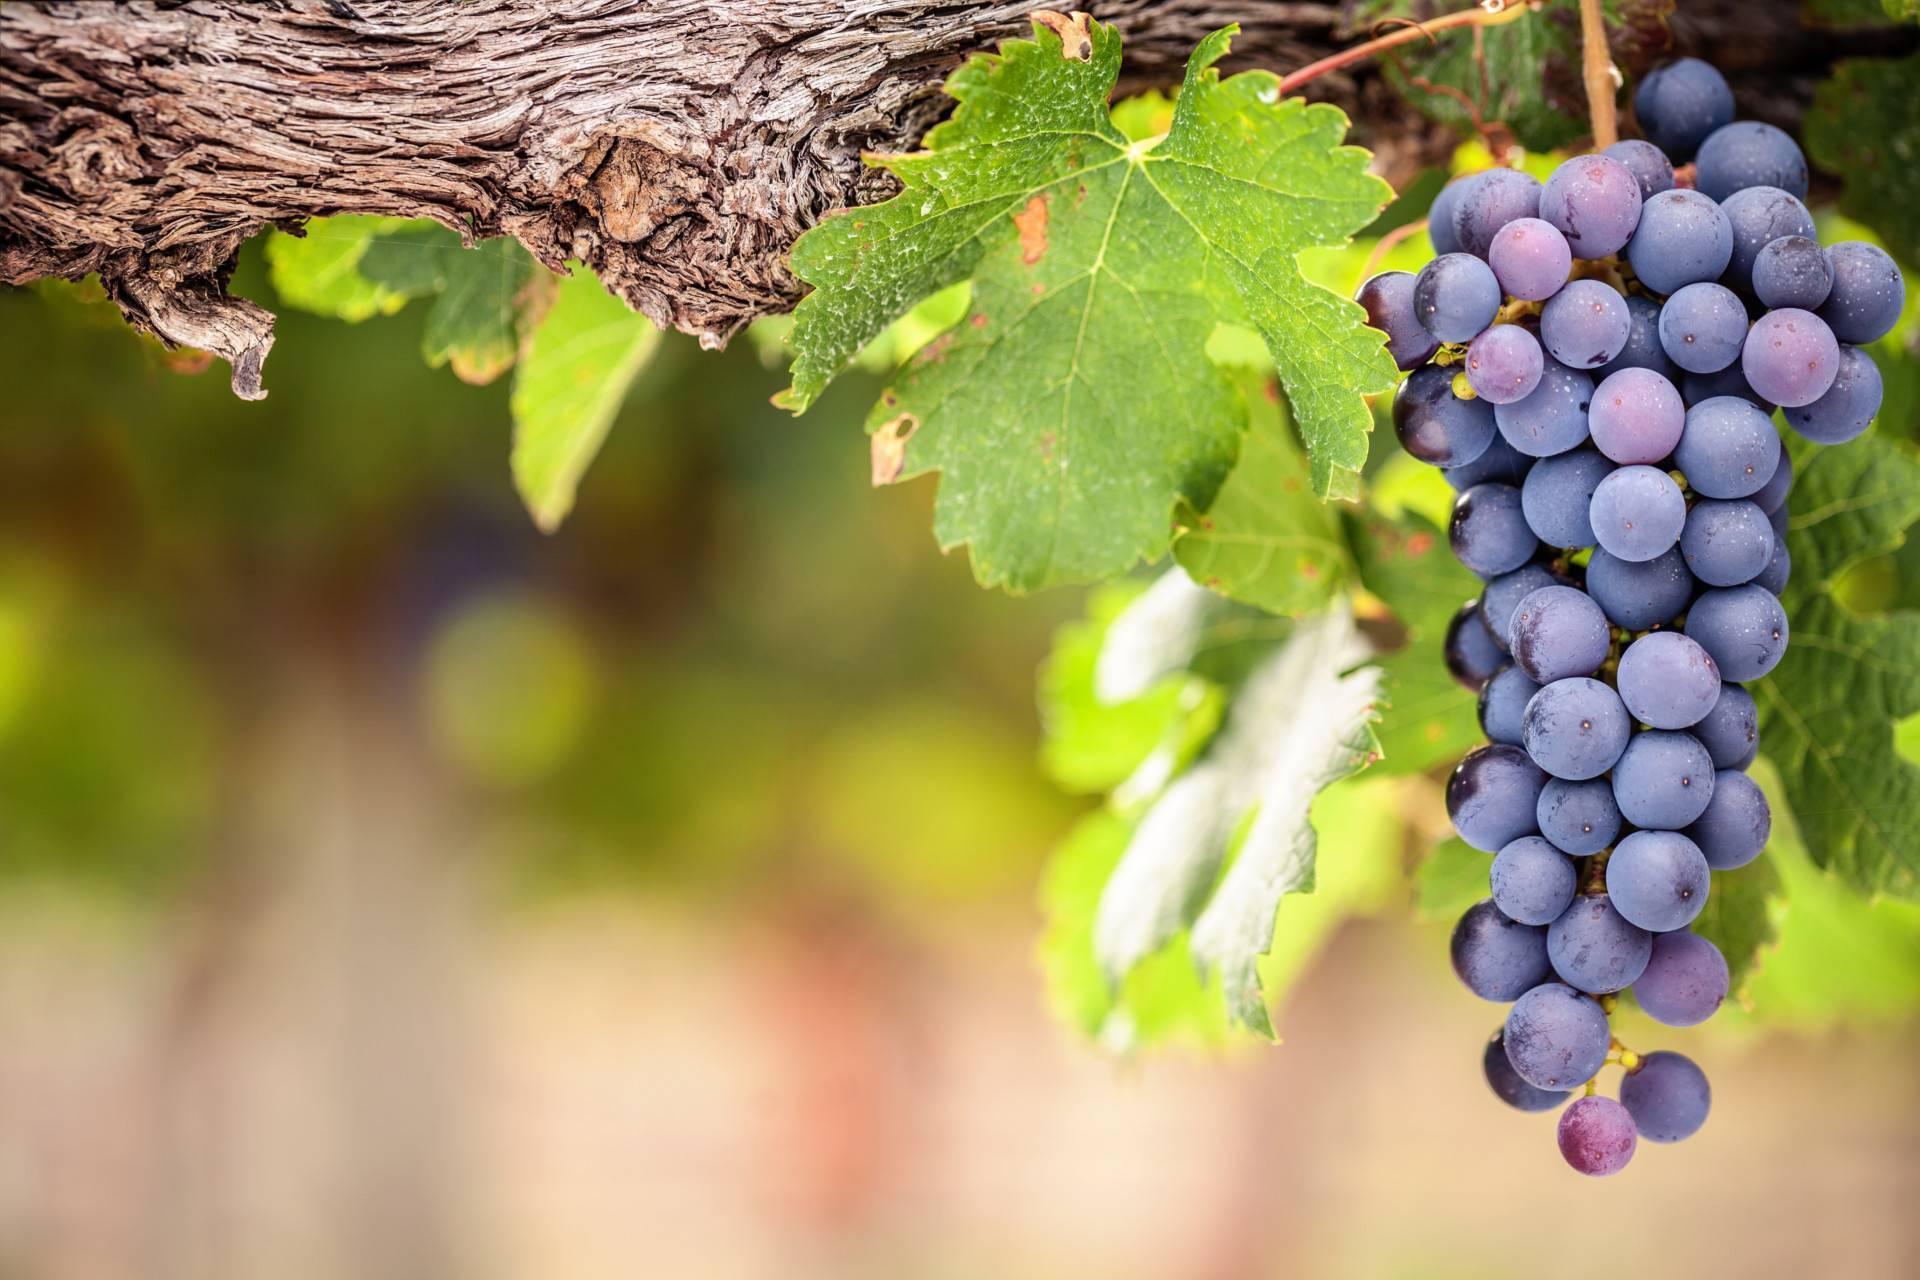 Лучшие грузинские вина: какие марки выбрать - рейтинг наиболее известных в грузии